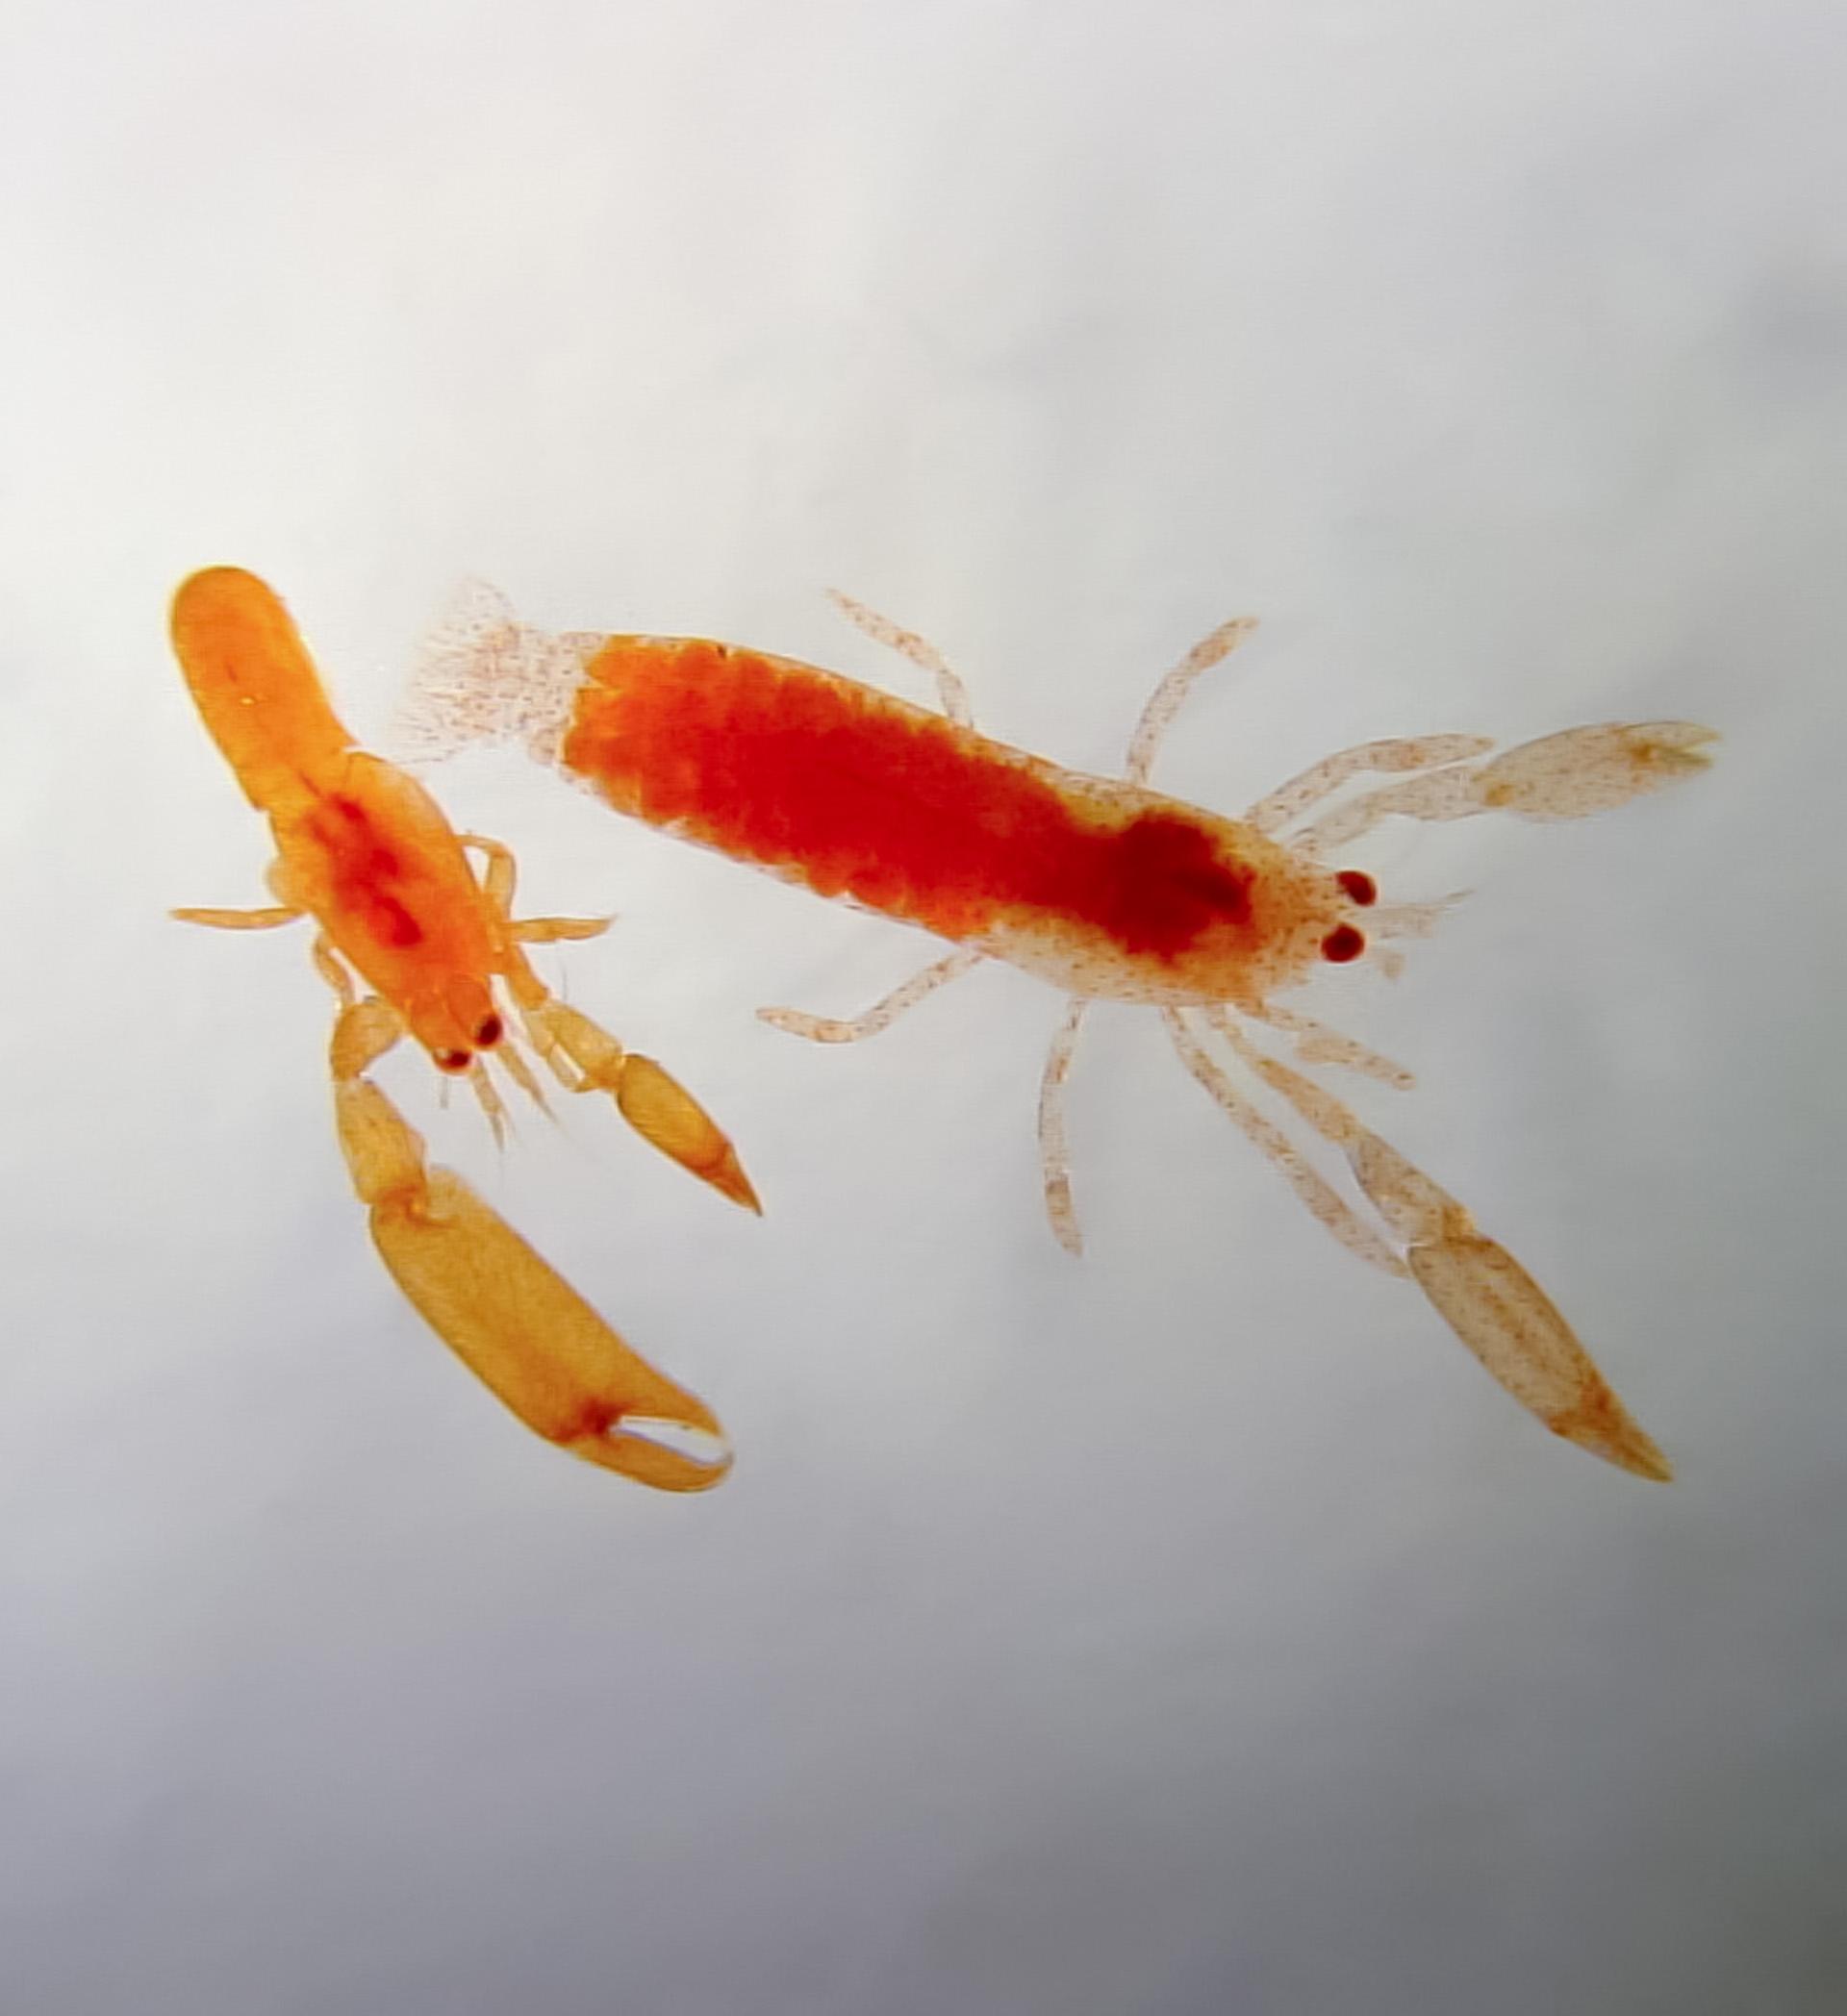 Drobné krevety druhu Typton carneus mají takřka totožnou barvu jako houby, v nichž žijí, přestože jim přímá predace téměř nehrozí. Toto zbarvení je patrně pouze průvodním jevem konzumace tkání houby.